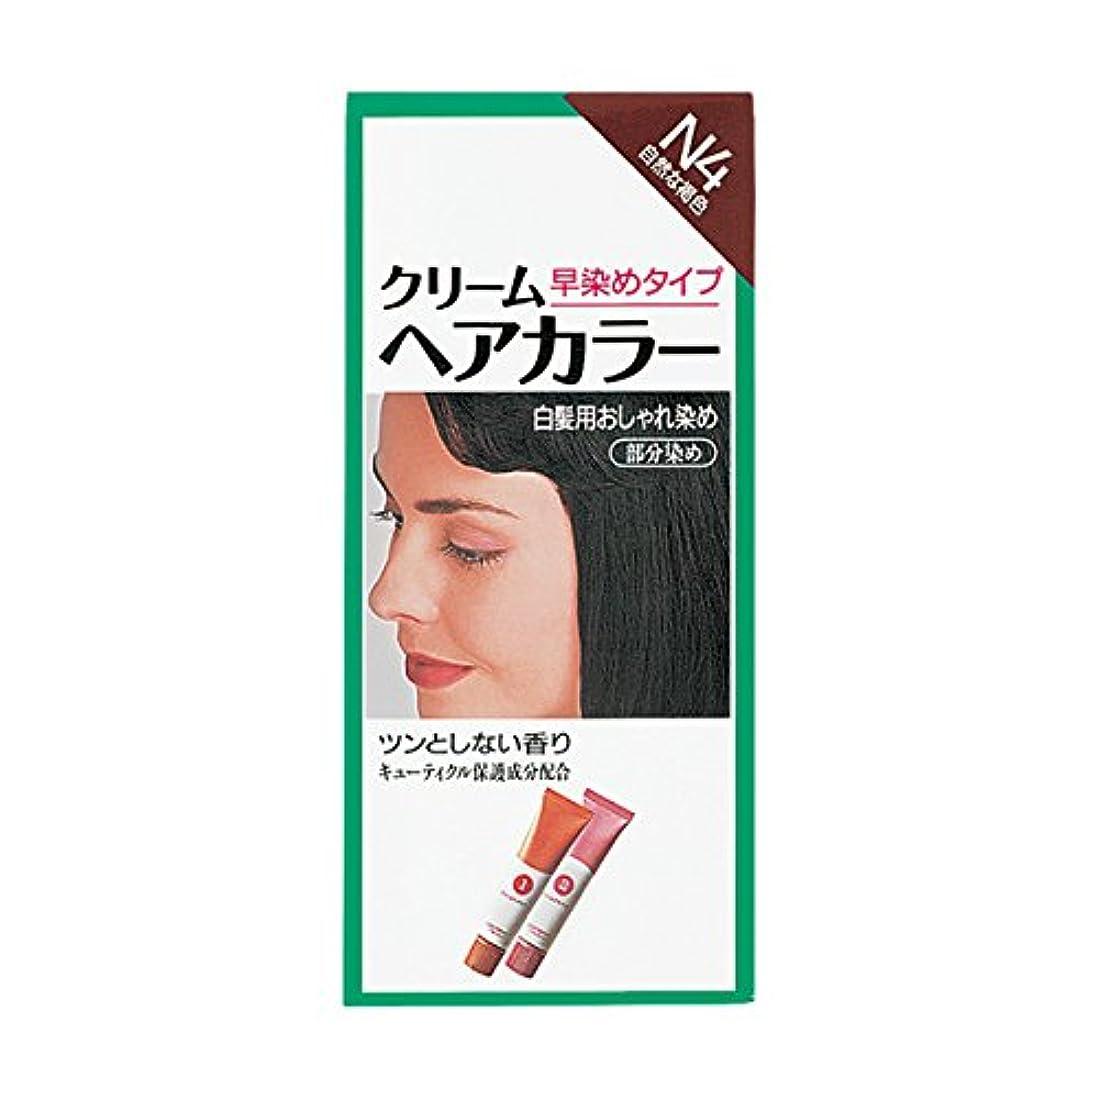 移行予測子近々ヘアカラー クリームヘアカラーN N4 【医薬部外品】